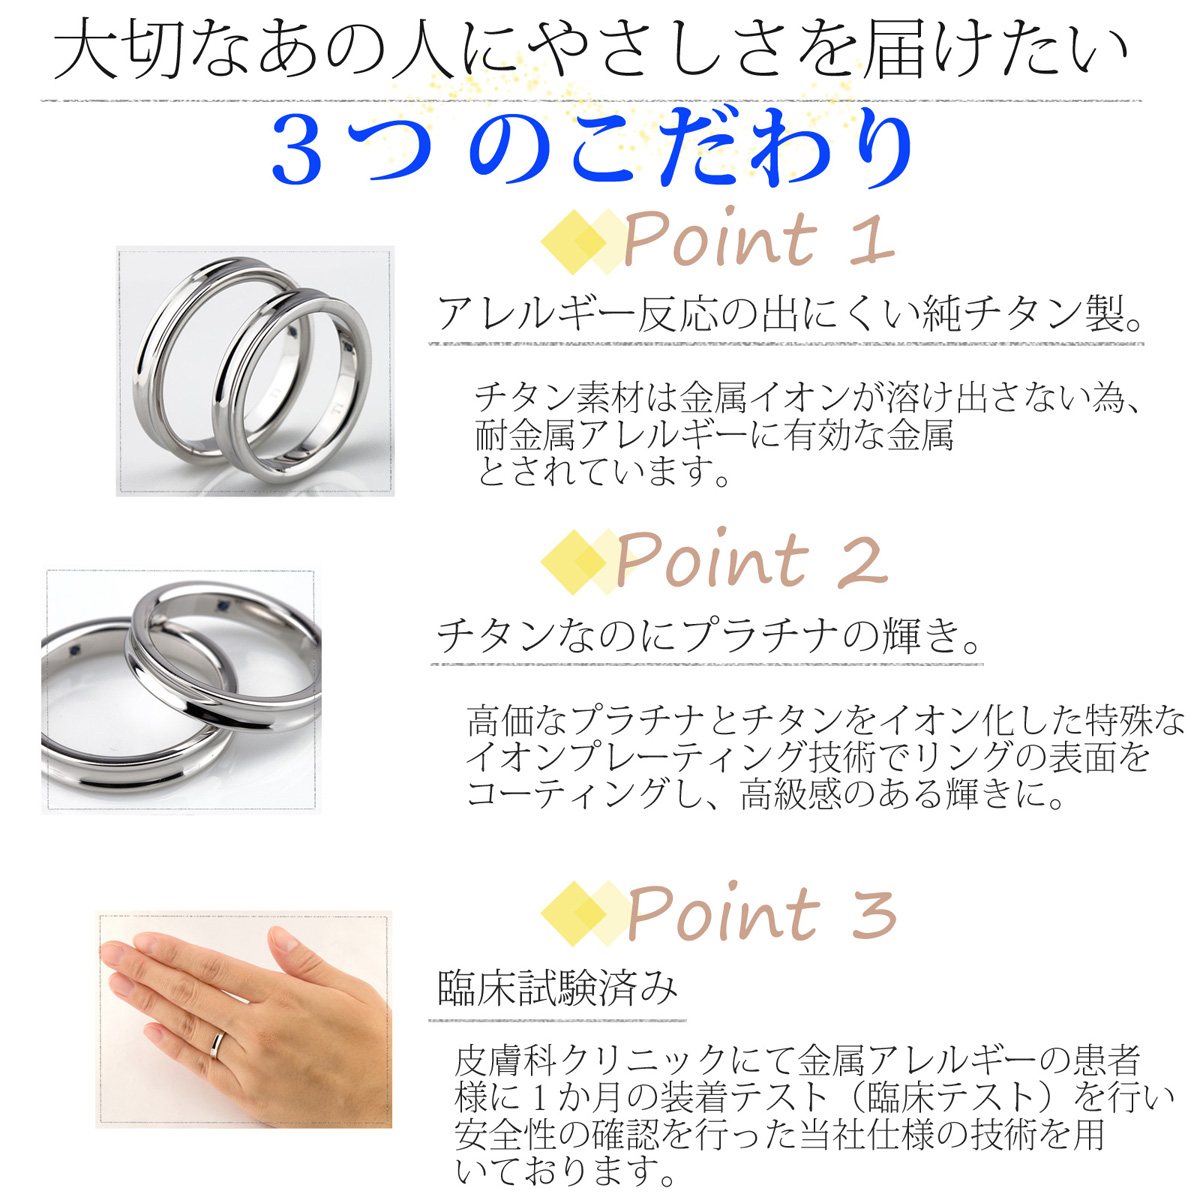 チタン 結婚指輪 純チタン マリッジリング サファイア入り 日本製 単品 鏡面仕上げ プラチナイオンプレーティング加工 刻印無料(文字彫り) 金属アレルギーにも強い アレルギーフリー 安心 ブライダルリング 刻印可能 金属アレルギー対応